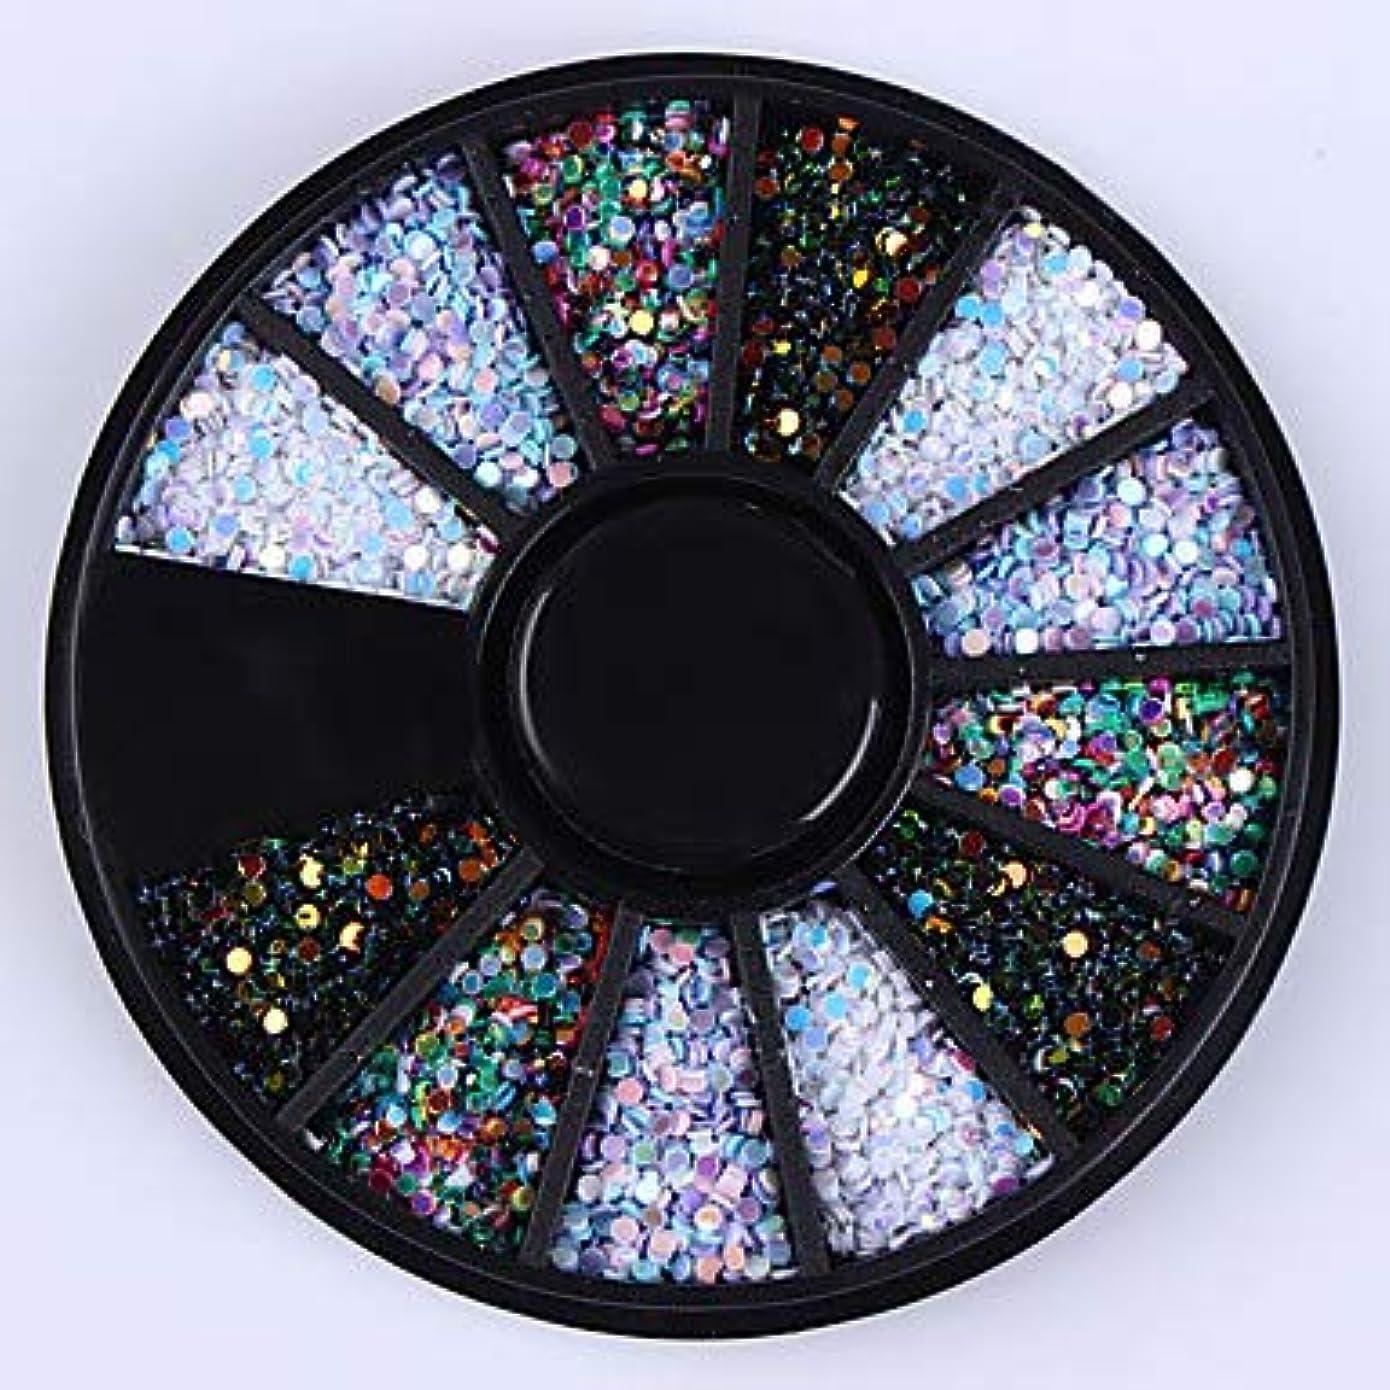 エチケット大西洋飢1ミリメートル混合色ネイルアートラインストーン輝くヒント装飾マニキュアホイール